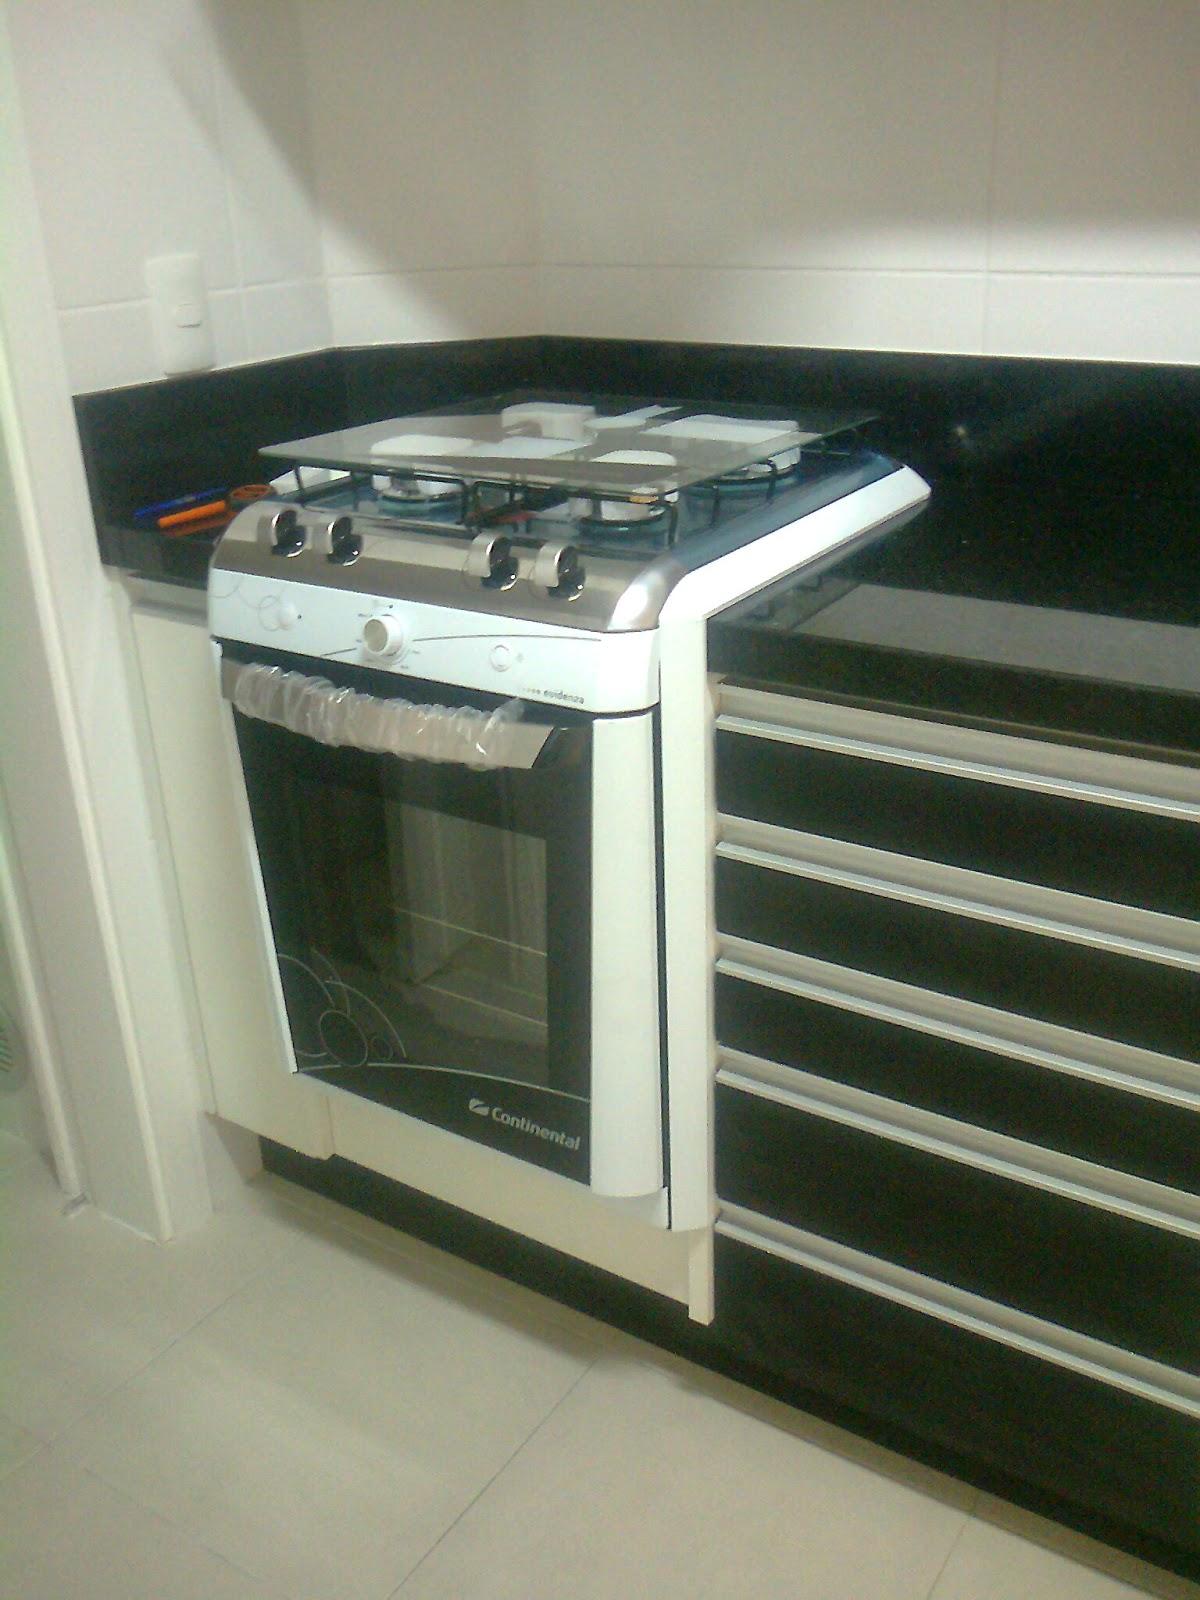 móveis sob medidas: Cozinha com fogão de embutir e passa prato #604B33 1200 1600